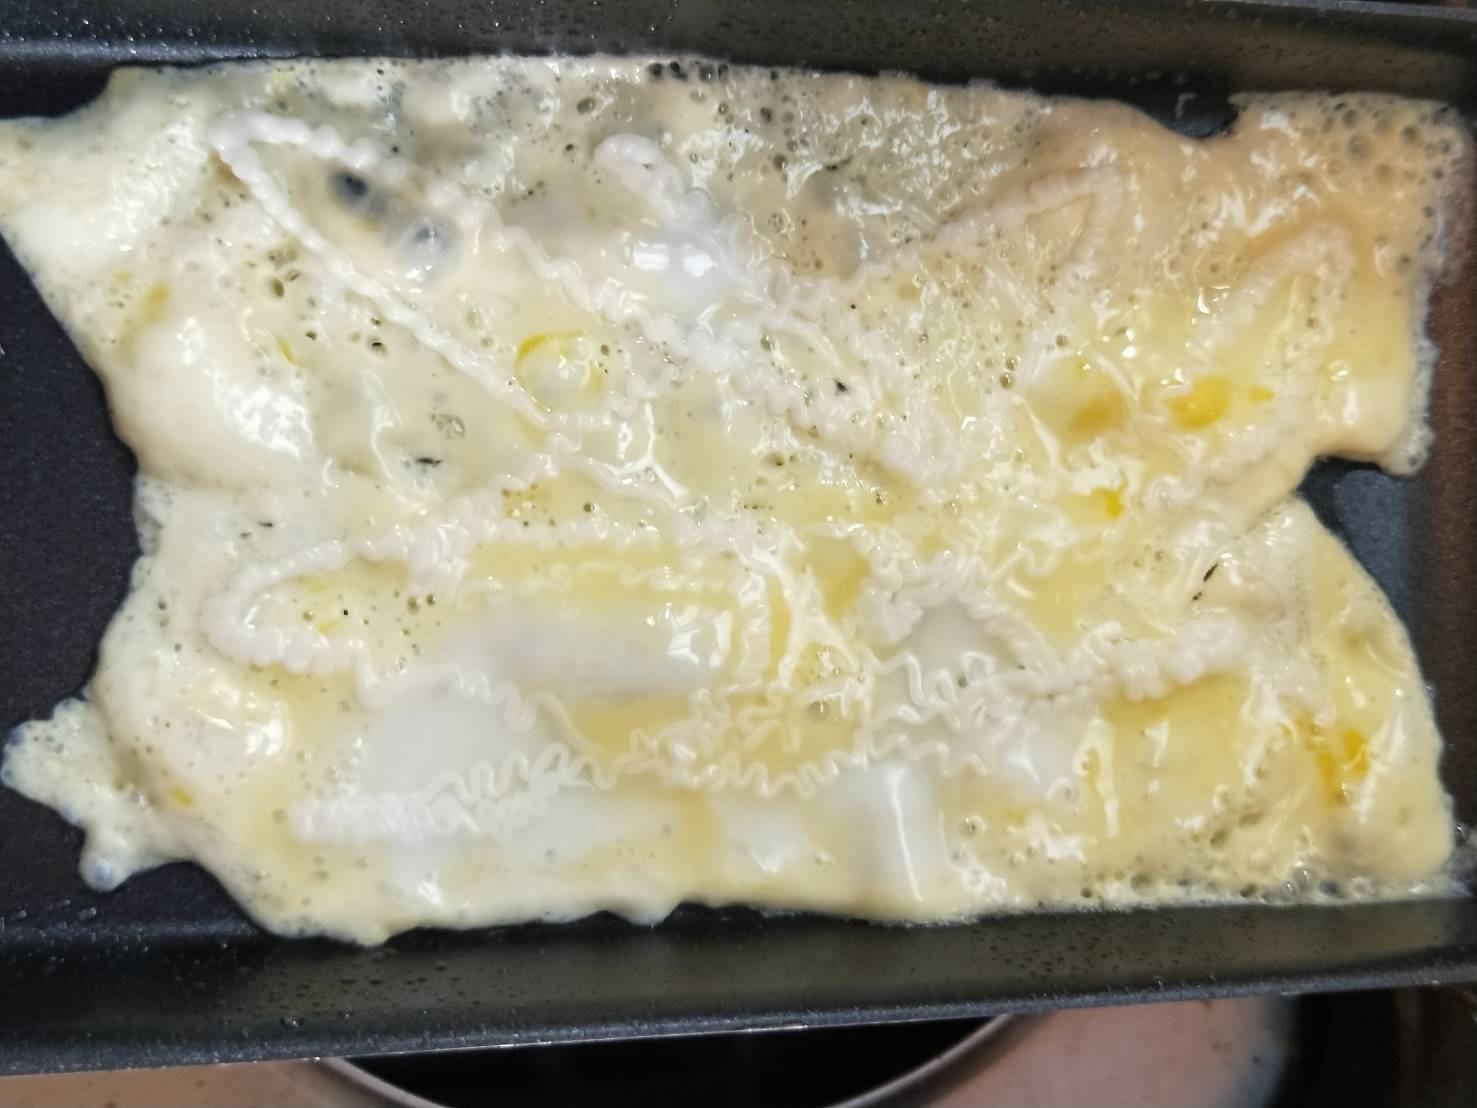 媽媽做菜的好幫手~~桂冠風味沙拉的第 18 張圖片